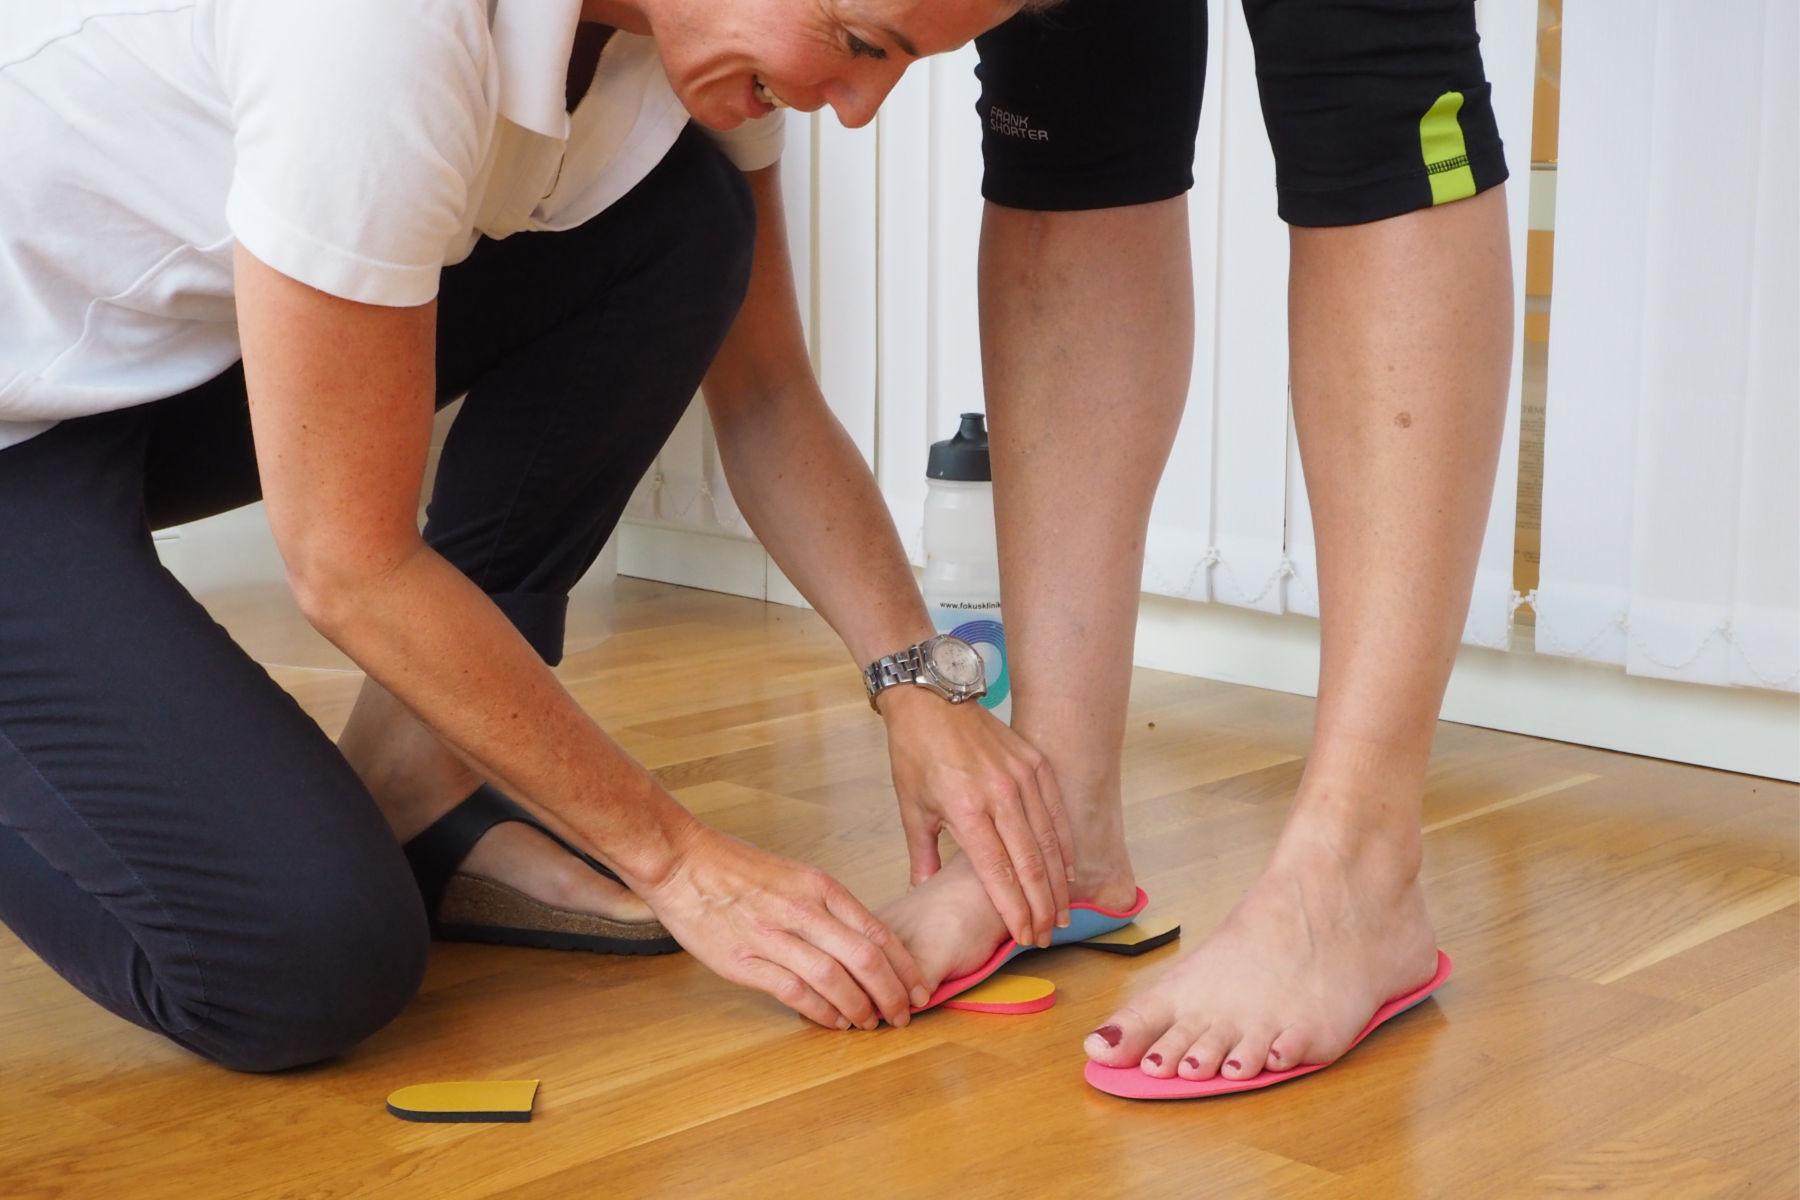 3da0b504 Tilpassete innleggssåler kan spare deg for store smerter — Fokusklinikken